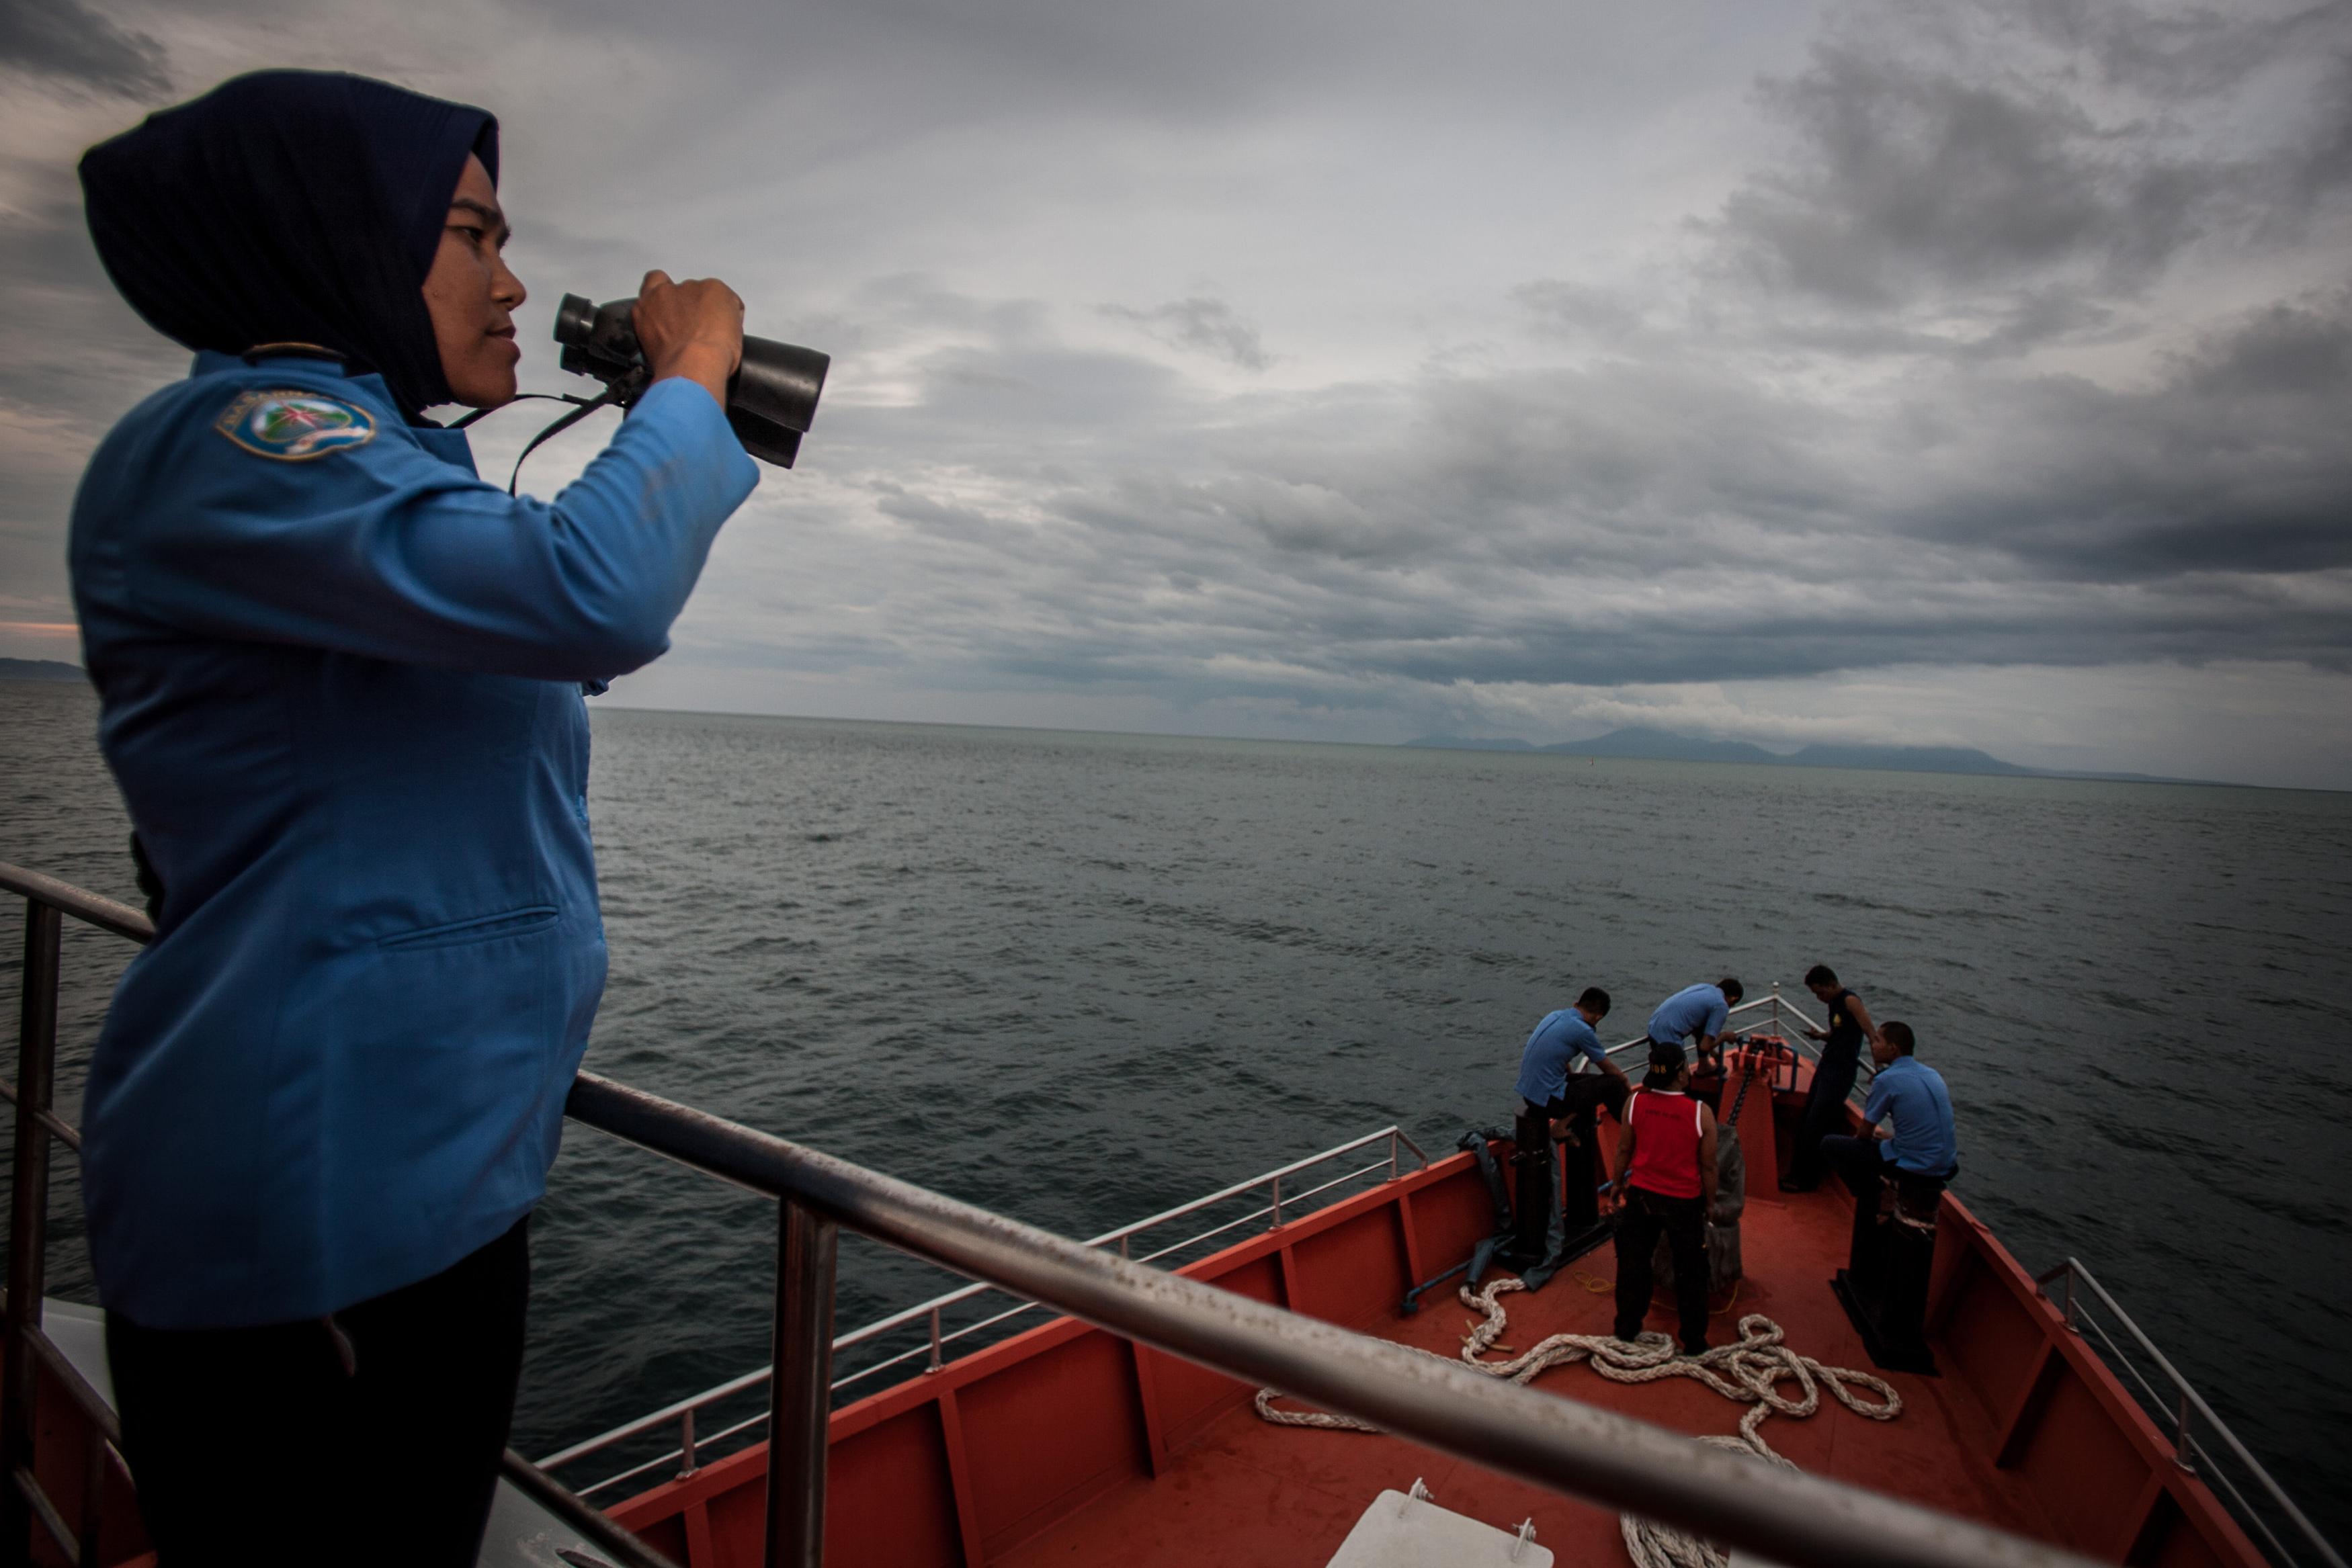 Wurde der Malaysian Airlines Flug 370 gefunden?